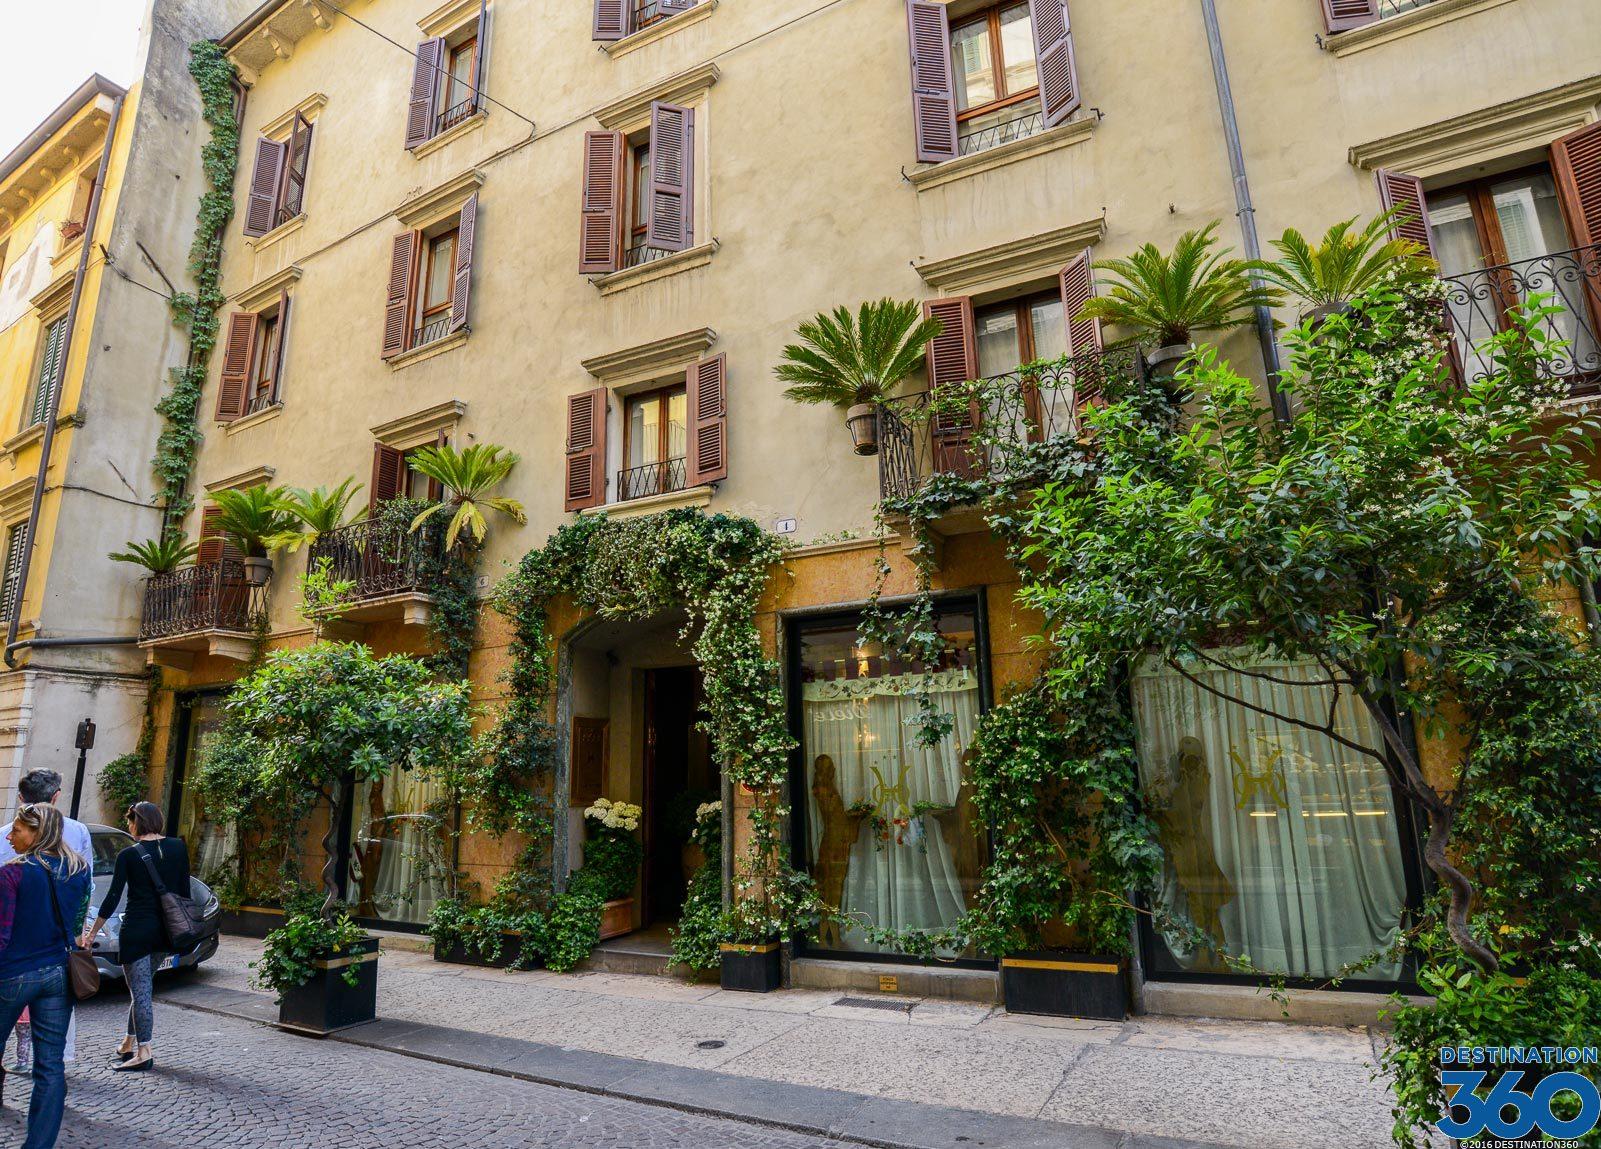 Verona Italy Hotels